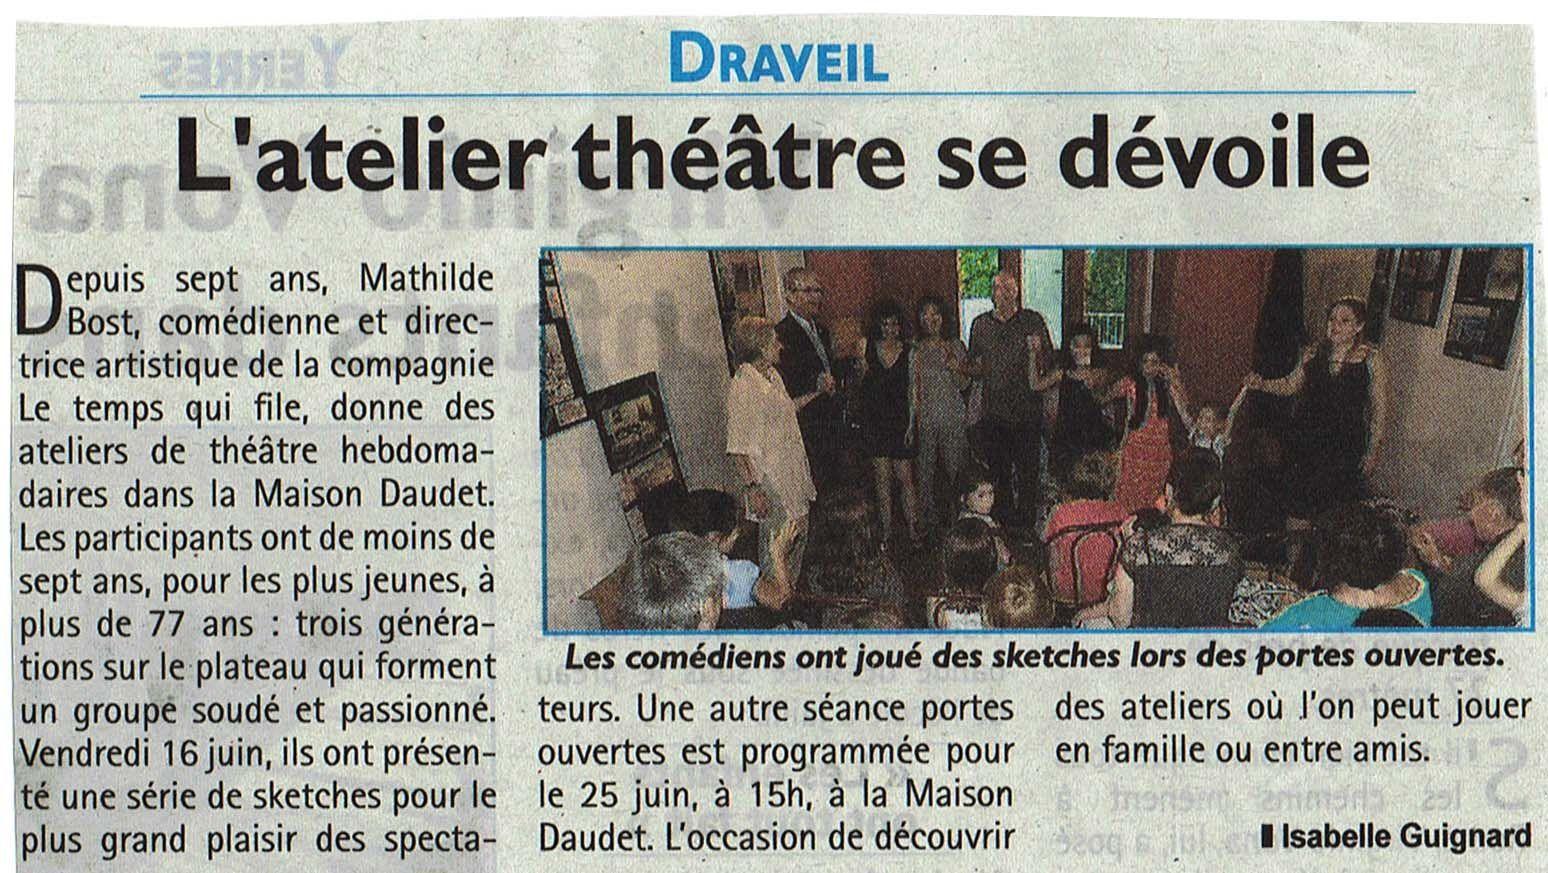 dimanche 25 juin à 15h: l'atelier théâtre vous reçoit!